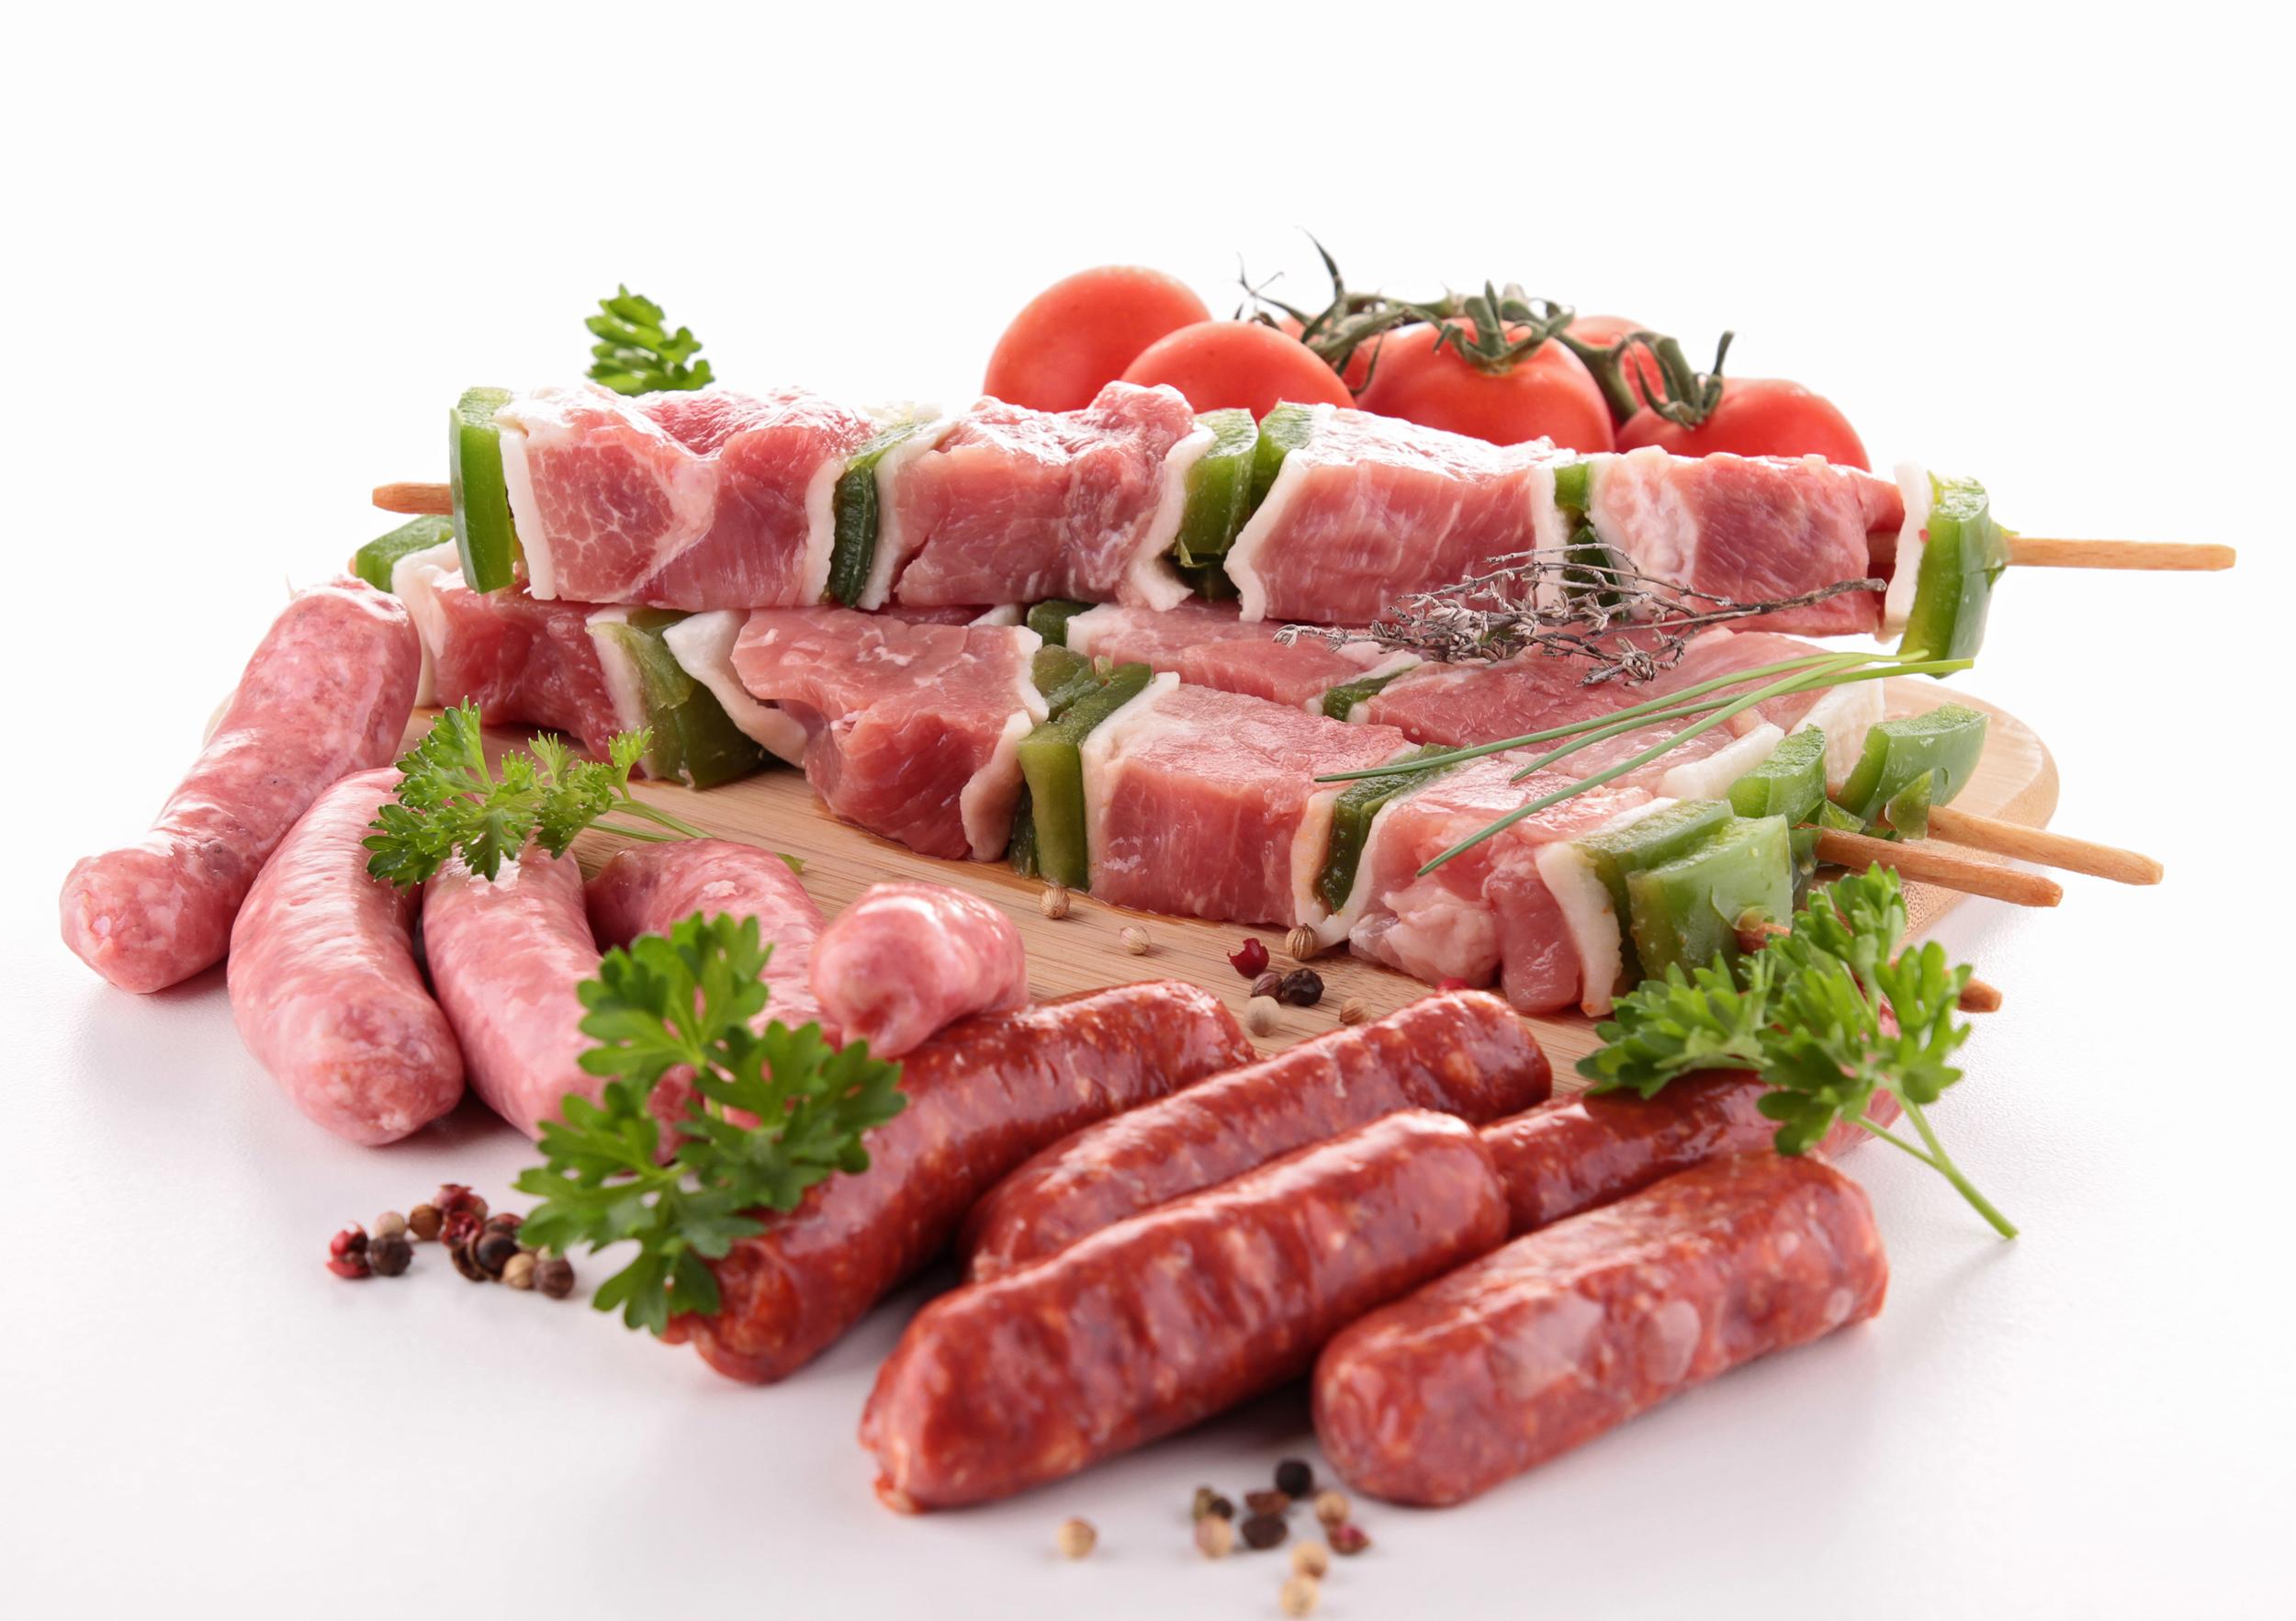 Свежее мясо на шпажках, шашлык, фото, обои для рабочего стола